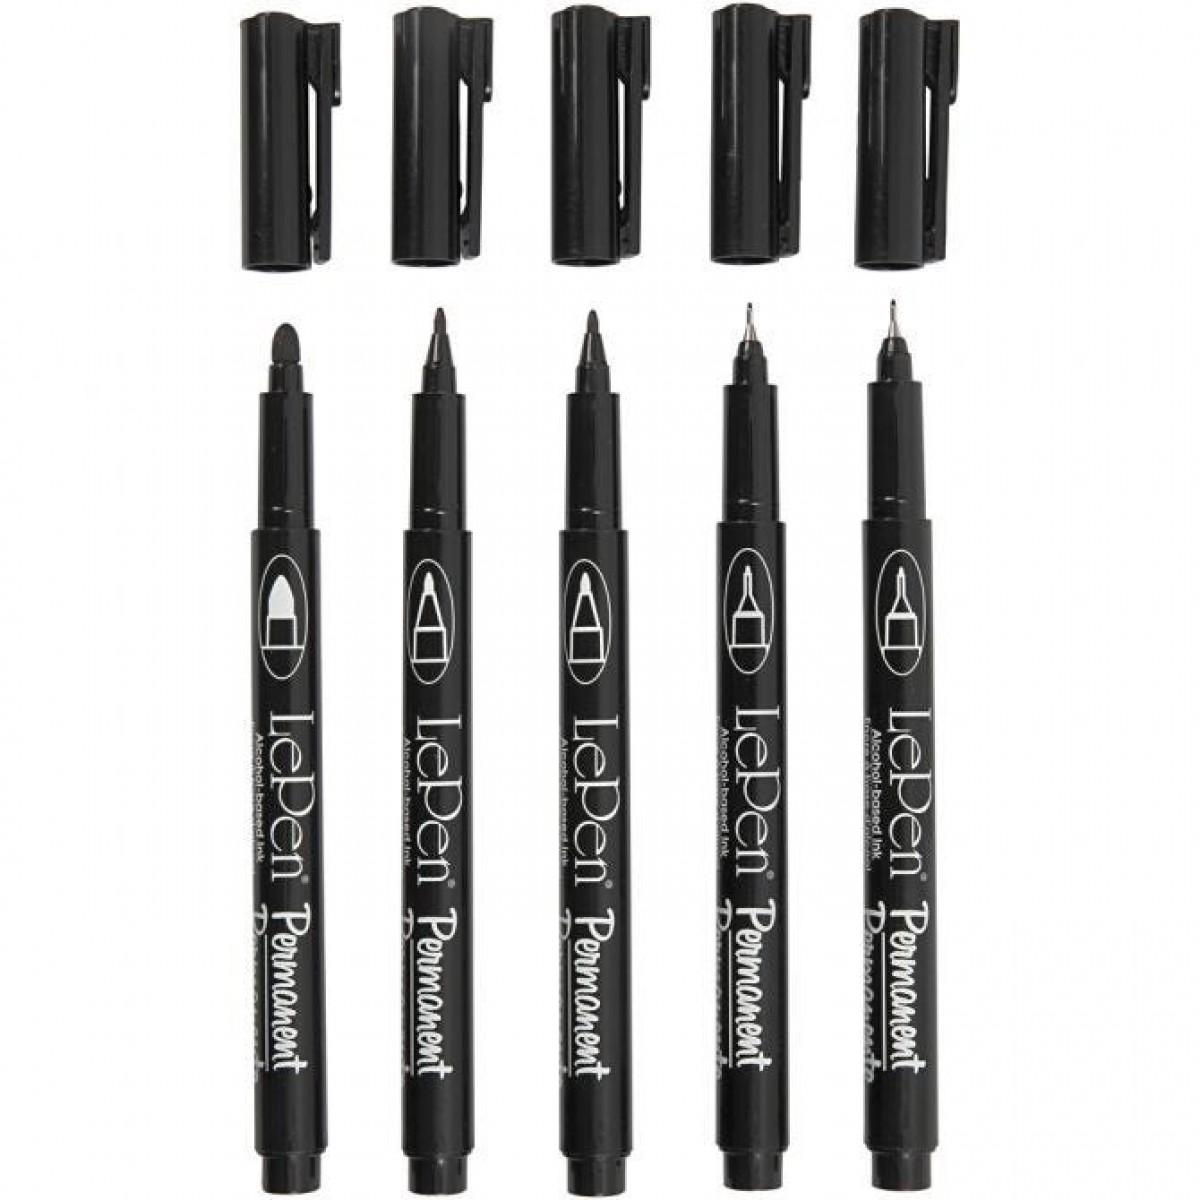 LePen, Permanent tusch pen, 5 stk., sort